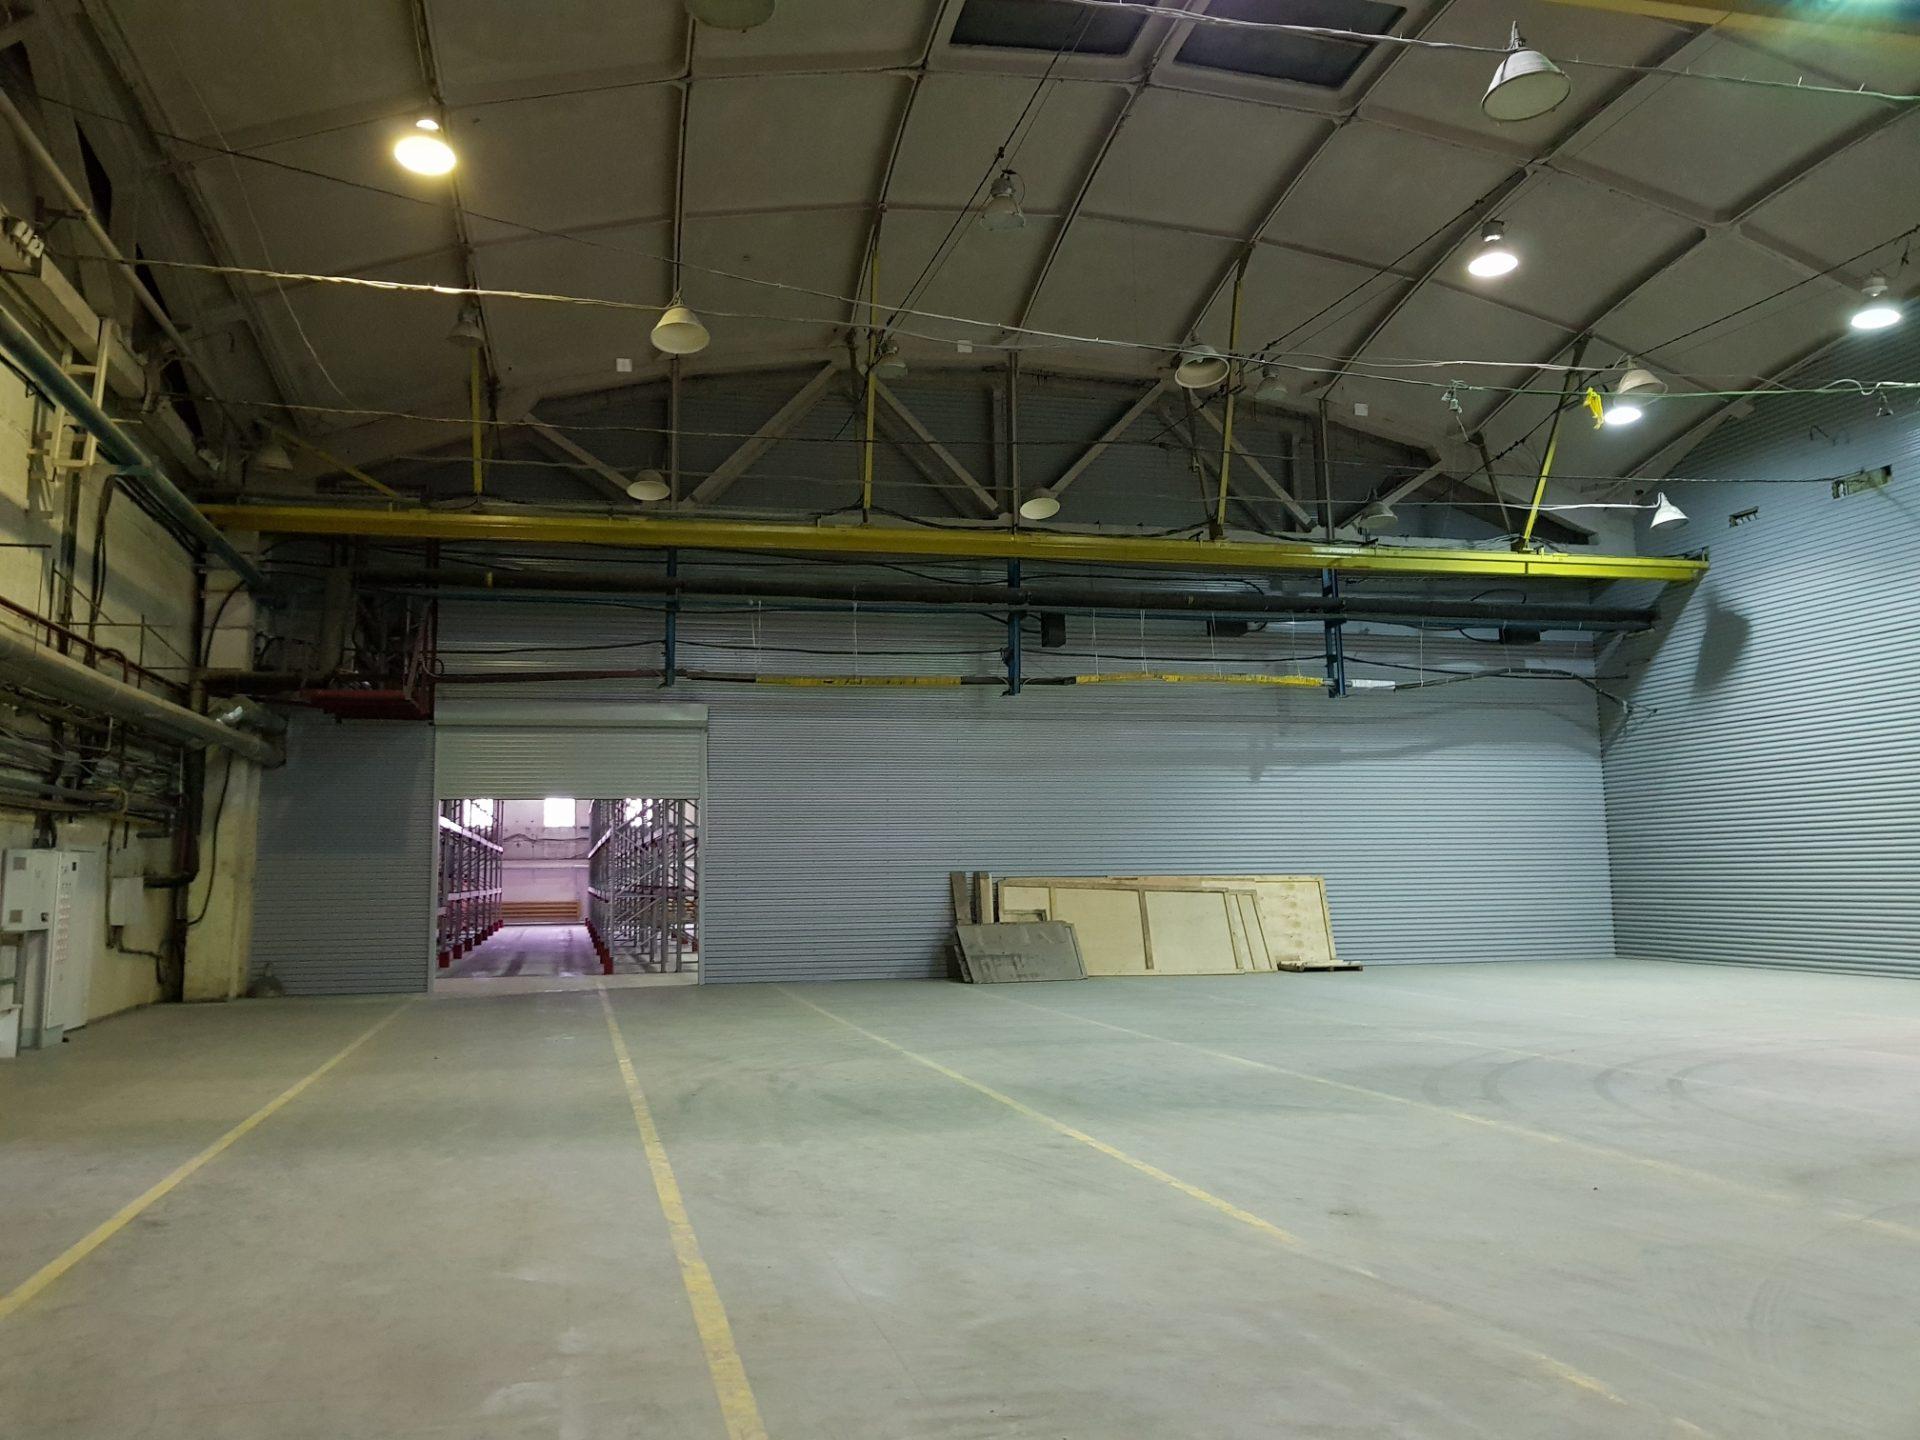 Производственно-складское теплое помещение, общей площадью 1500 кв.м , по адресу. С-Петербург, пос. Парголово ул. Железнодорожная